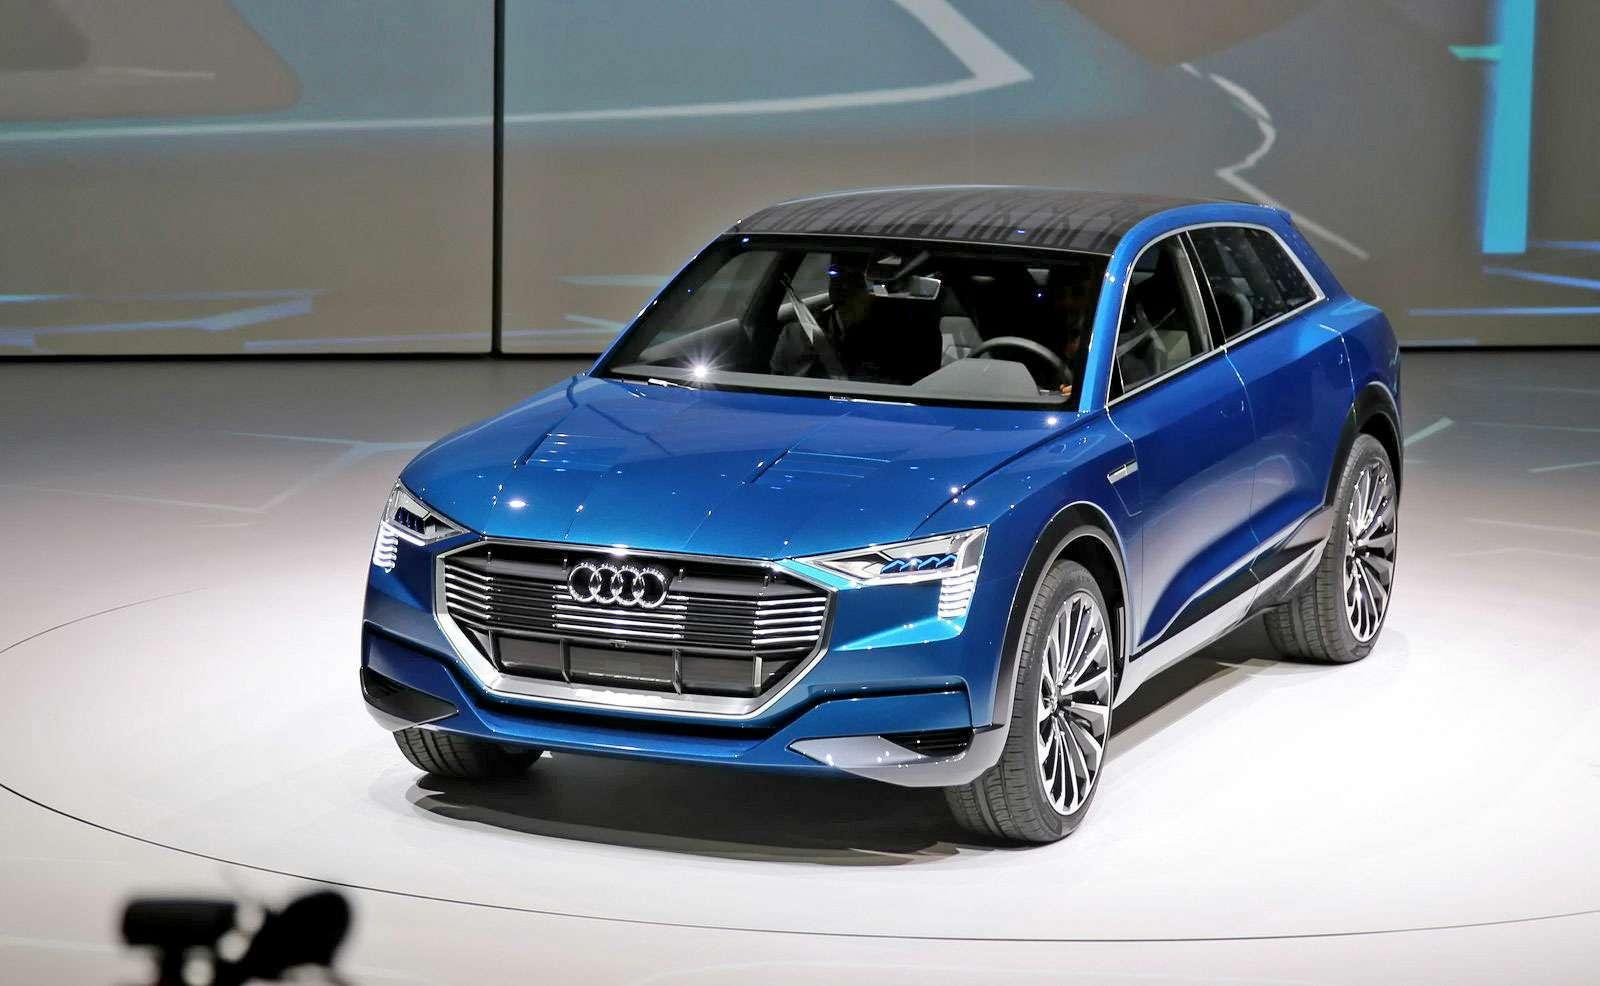 Audi-e-tron-quatro_Kadakov